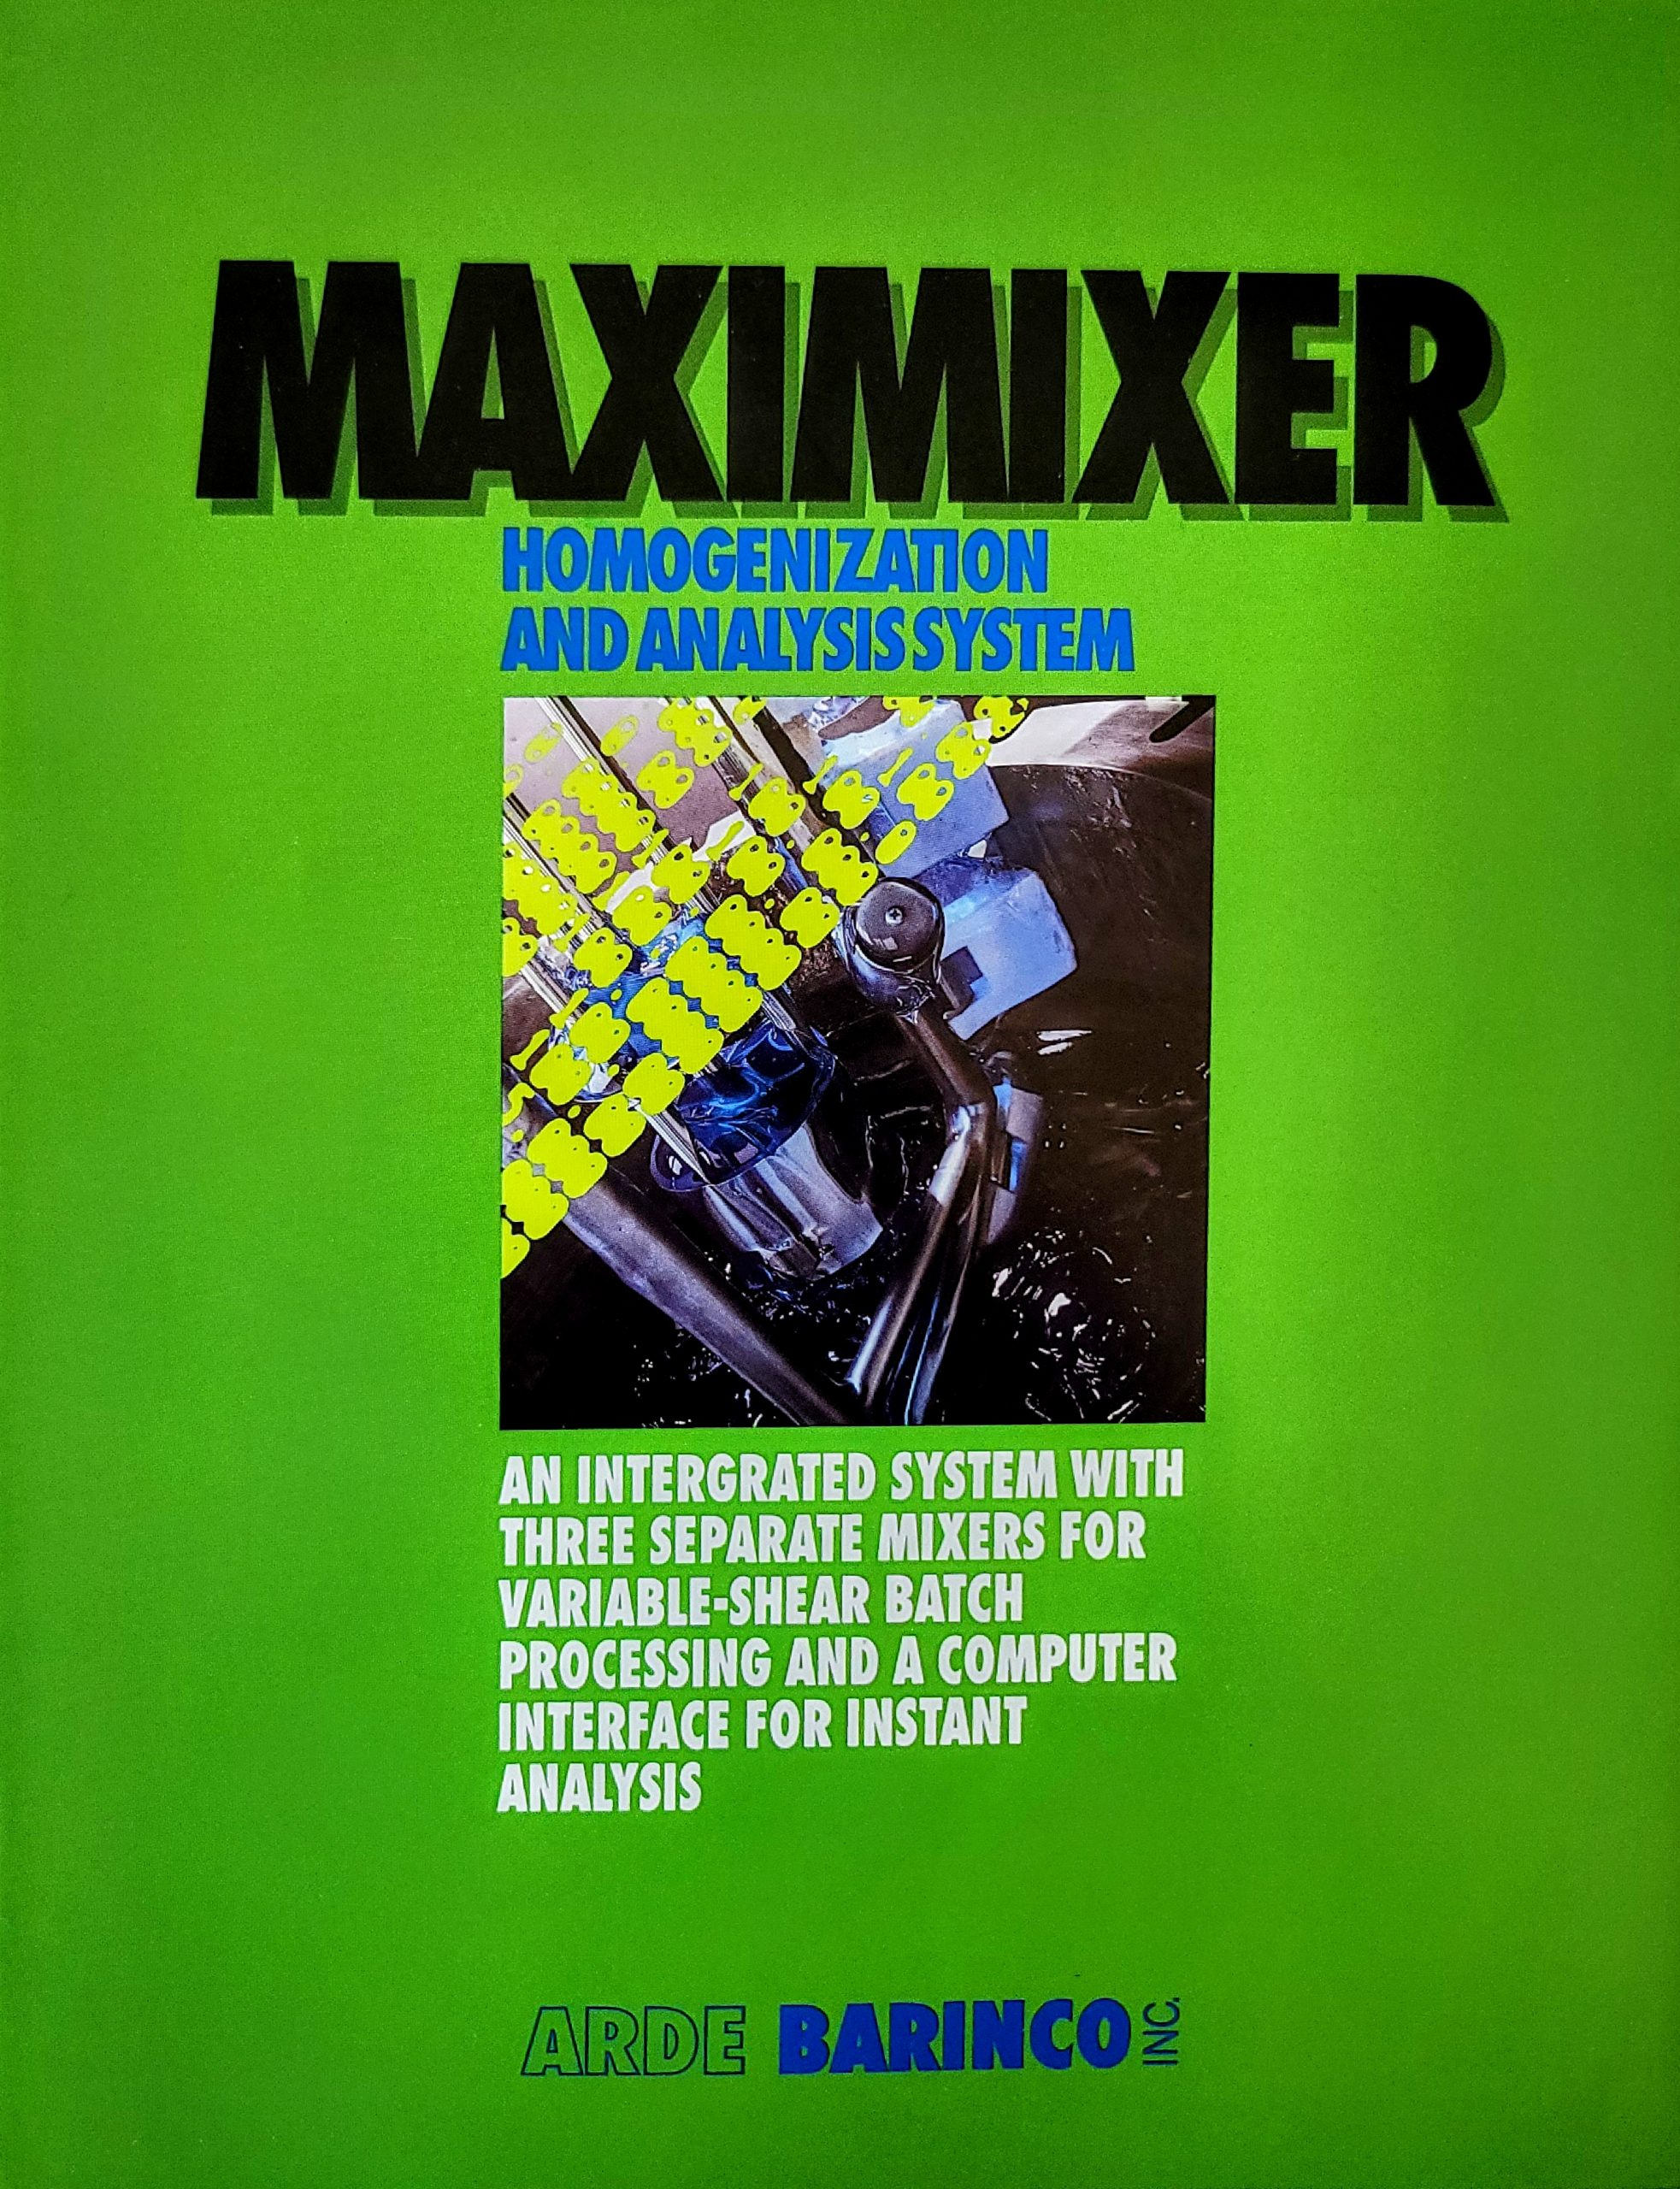 arde barinco_brochure_maximixer_8